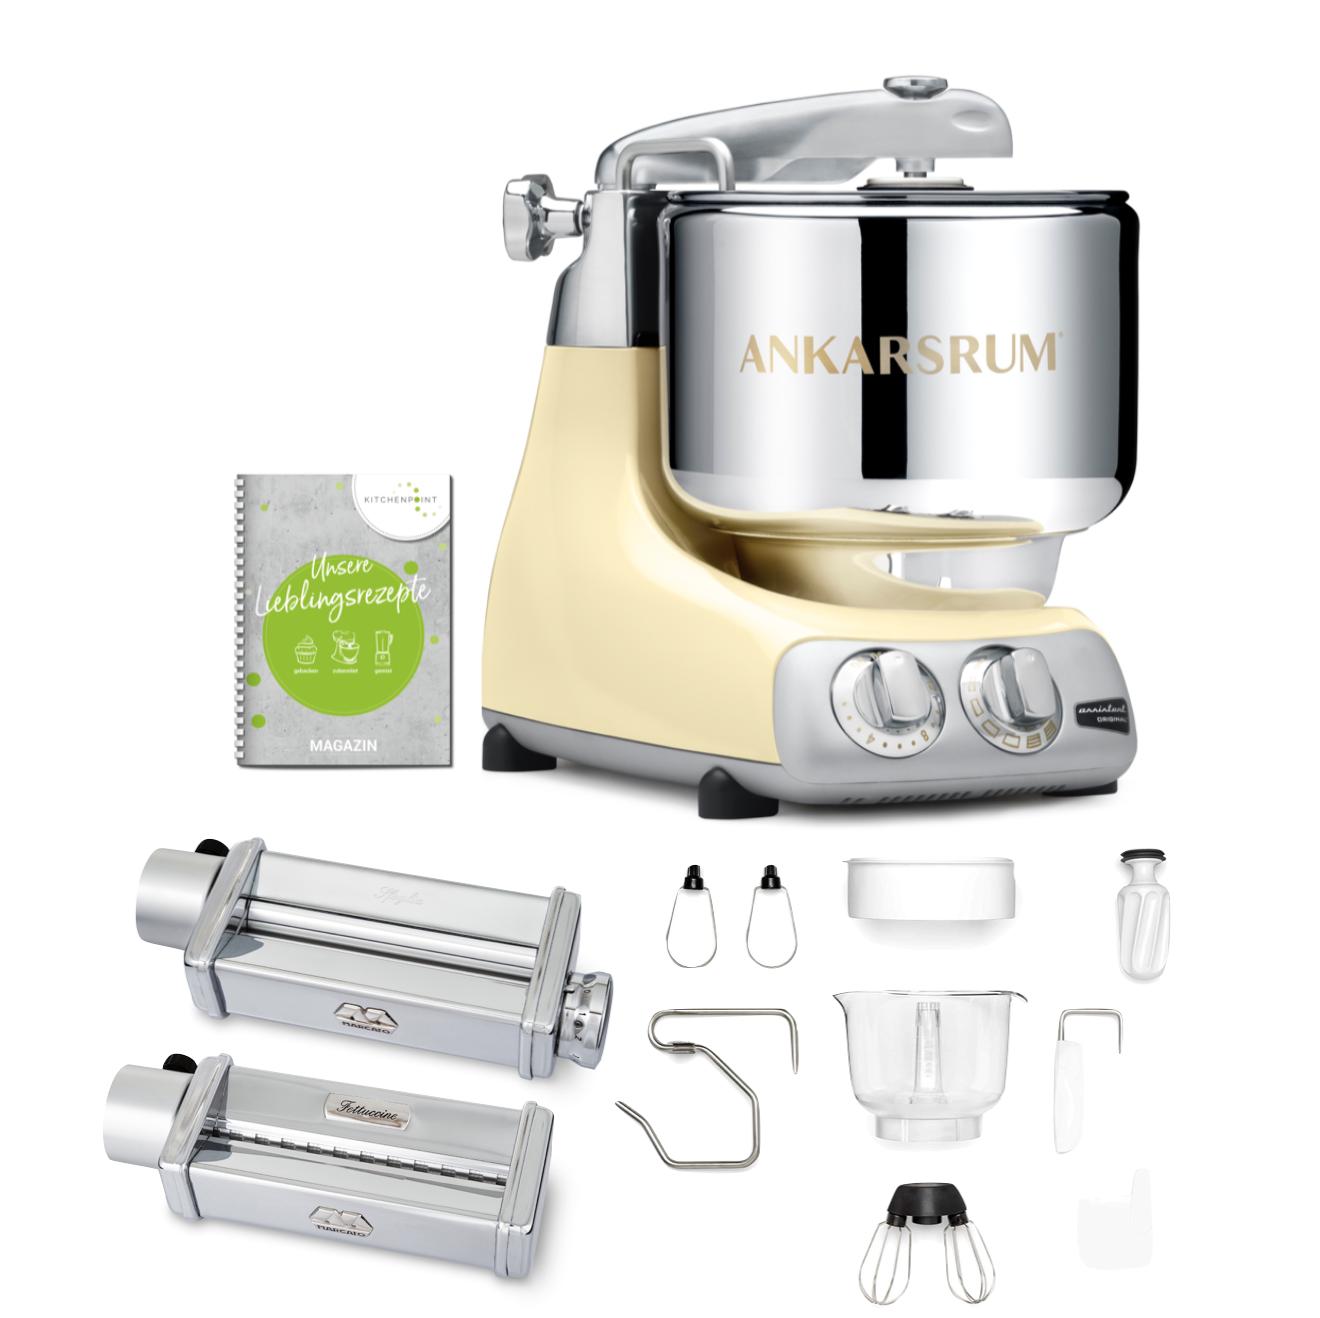 Ankarsrum Küchenmaschine Creme - Pasta Set